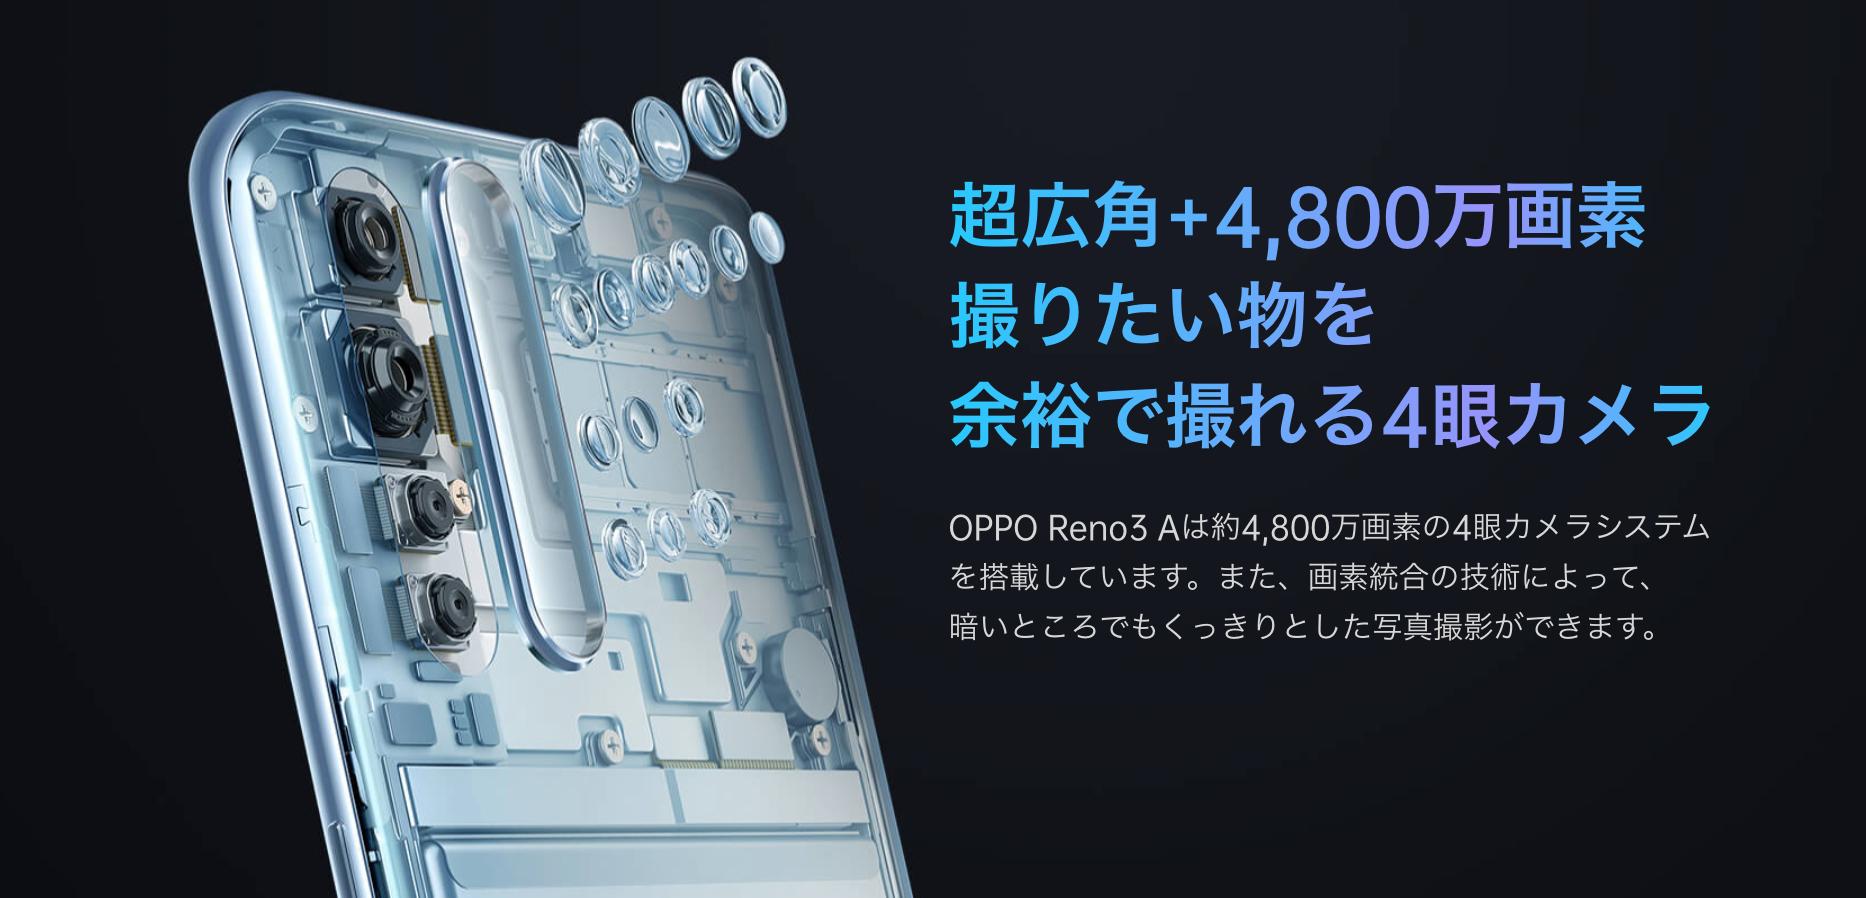 f:id:Azusa_Hirano:20200912055215p:plain